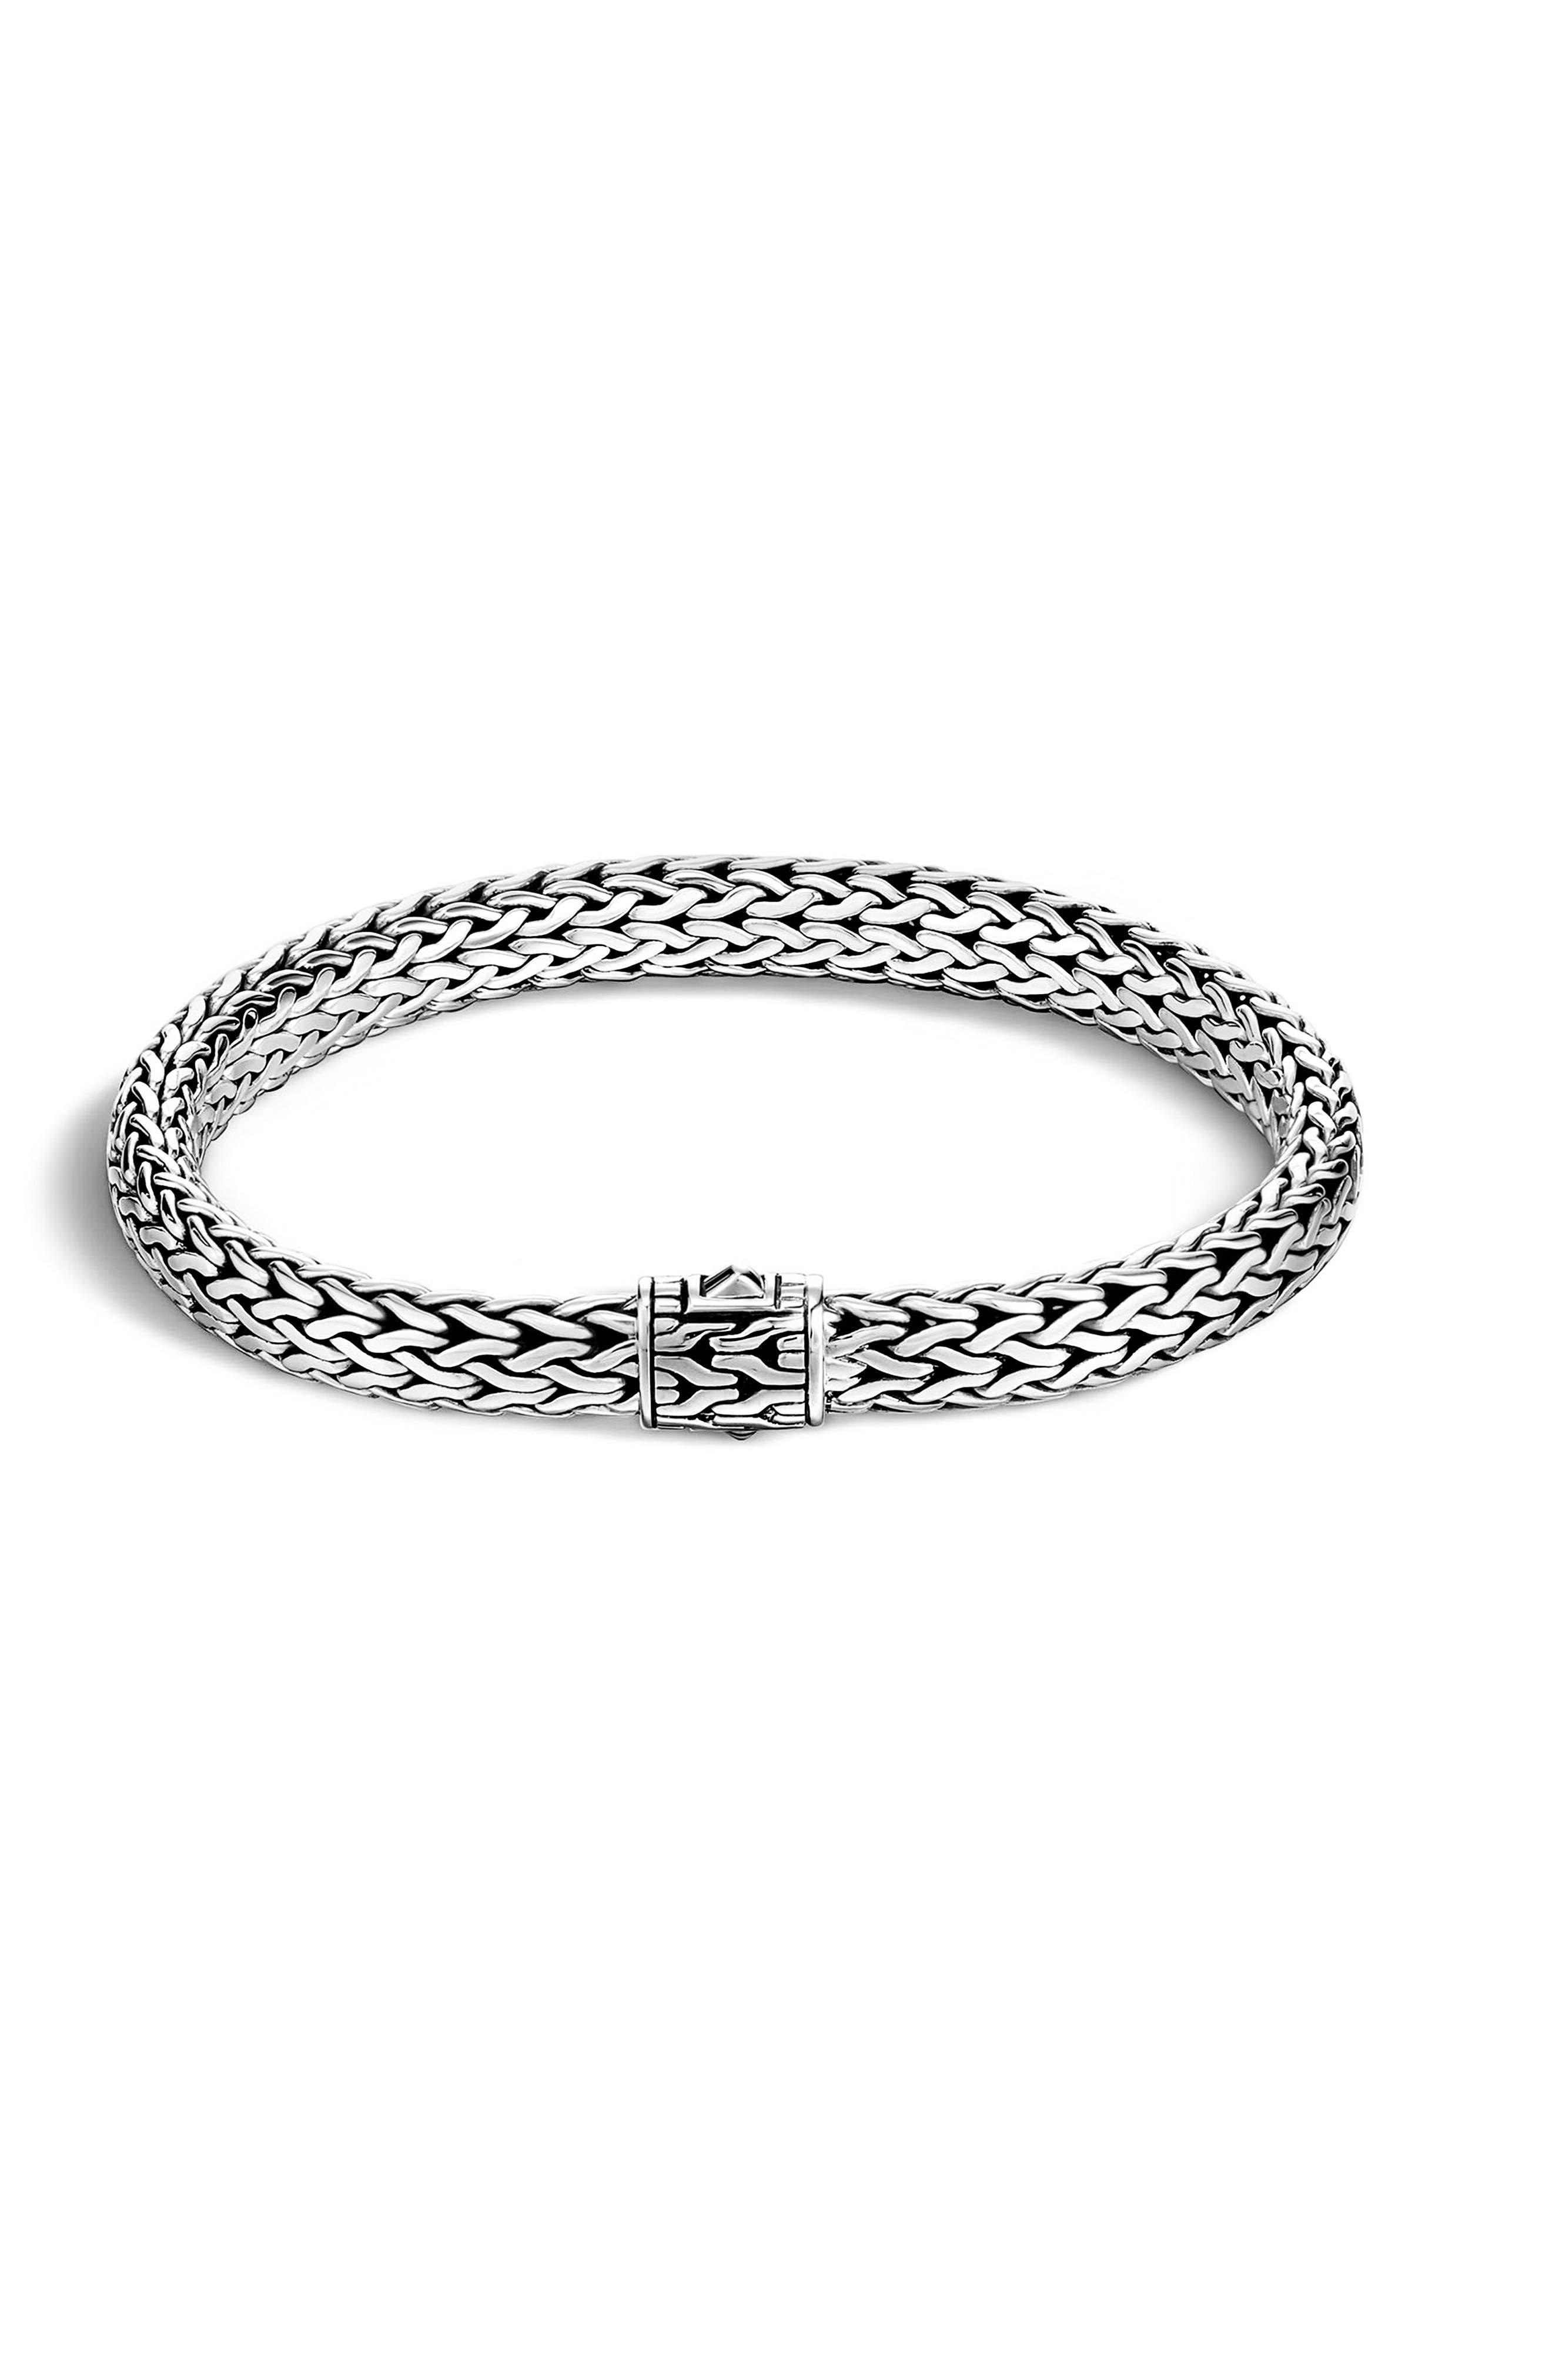 John Hardy Reversible 7.5Mm Bracelet, Black Sapphire, White Mother Of Pearl S White mother of pearl